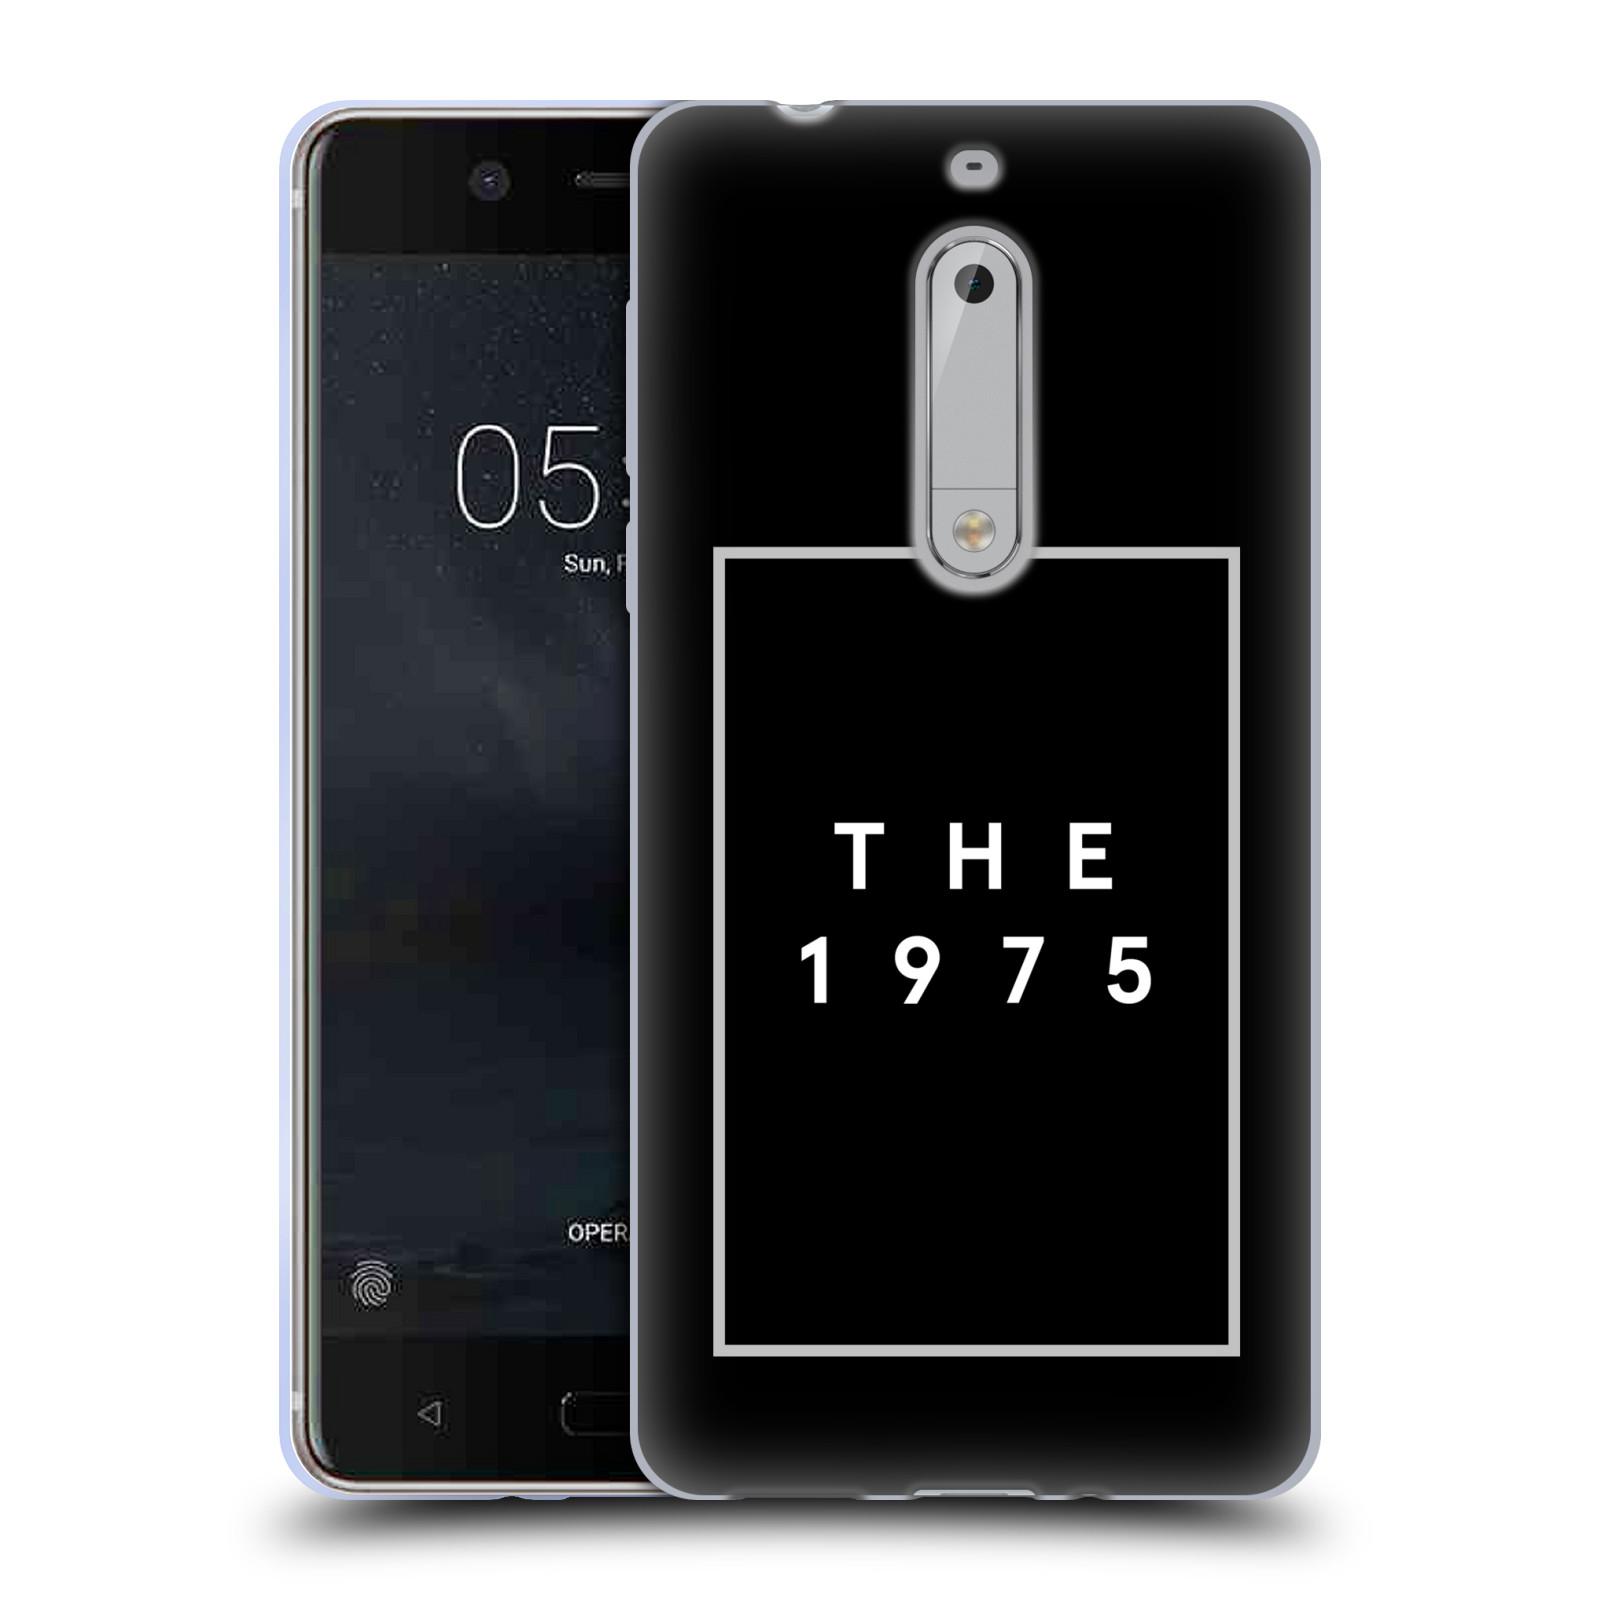 HEAD CASE silikonový obal na mobil Nokia 5 indie rock skupina The 1975 černá